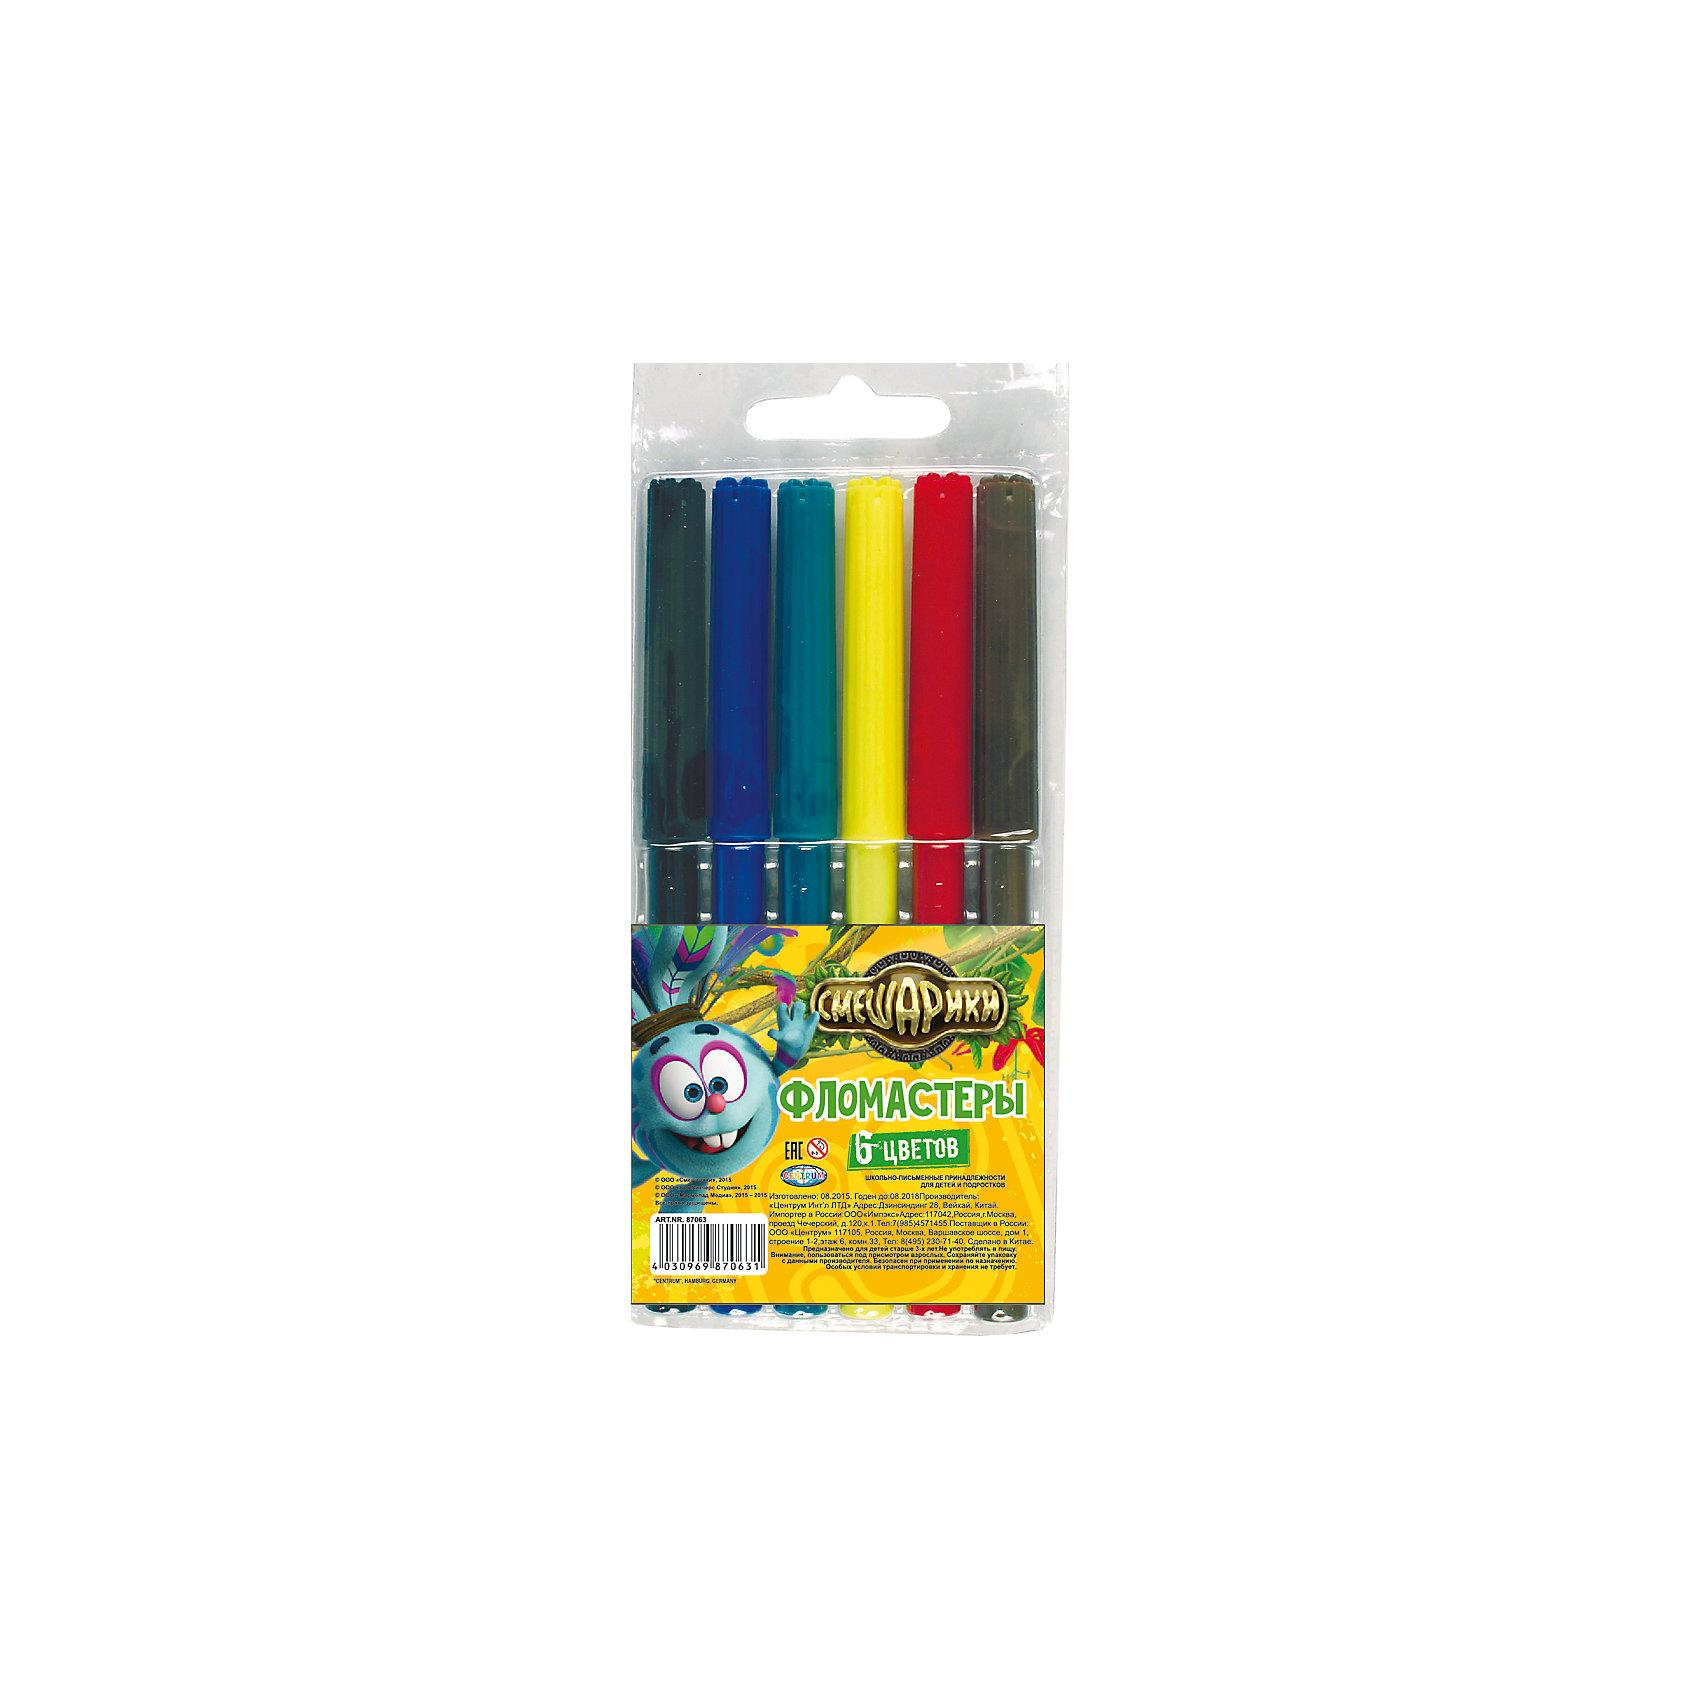 Фломастеры Крош 6 цветовЯркие фломастеры СМЕШАРИКИ с изображением Кроша на упаковке от известной марки Centrum.  Выполнены из качественных материалов, долговечны, обладают насыщенными цветами. В комплекте 6 основных цветов. Неугомонный Крош на упаковке порадует Вашего ребенка. <br><br>Дополнительная информация:<br>- 6 цветов<br>- прочная ПВХ-упаковка<br>- размер: 160х65х10 мм<br><br>Фломастеры СМЕШАРИКИ - КРОШ можно купить в нашем интернет-магазине<br><br>Ширина мм: 10<br>Глубина мм: 65<br>Высота мм: 160<br>Вес г: 42<br>Возраст от месяцев: 36<br>Возраст до месяцев: 96<br>Пол: Унисекс<br>Возраст: Детский<br>SKU: 4616043